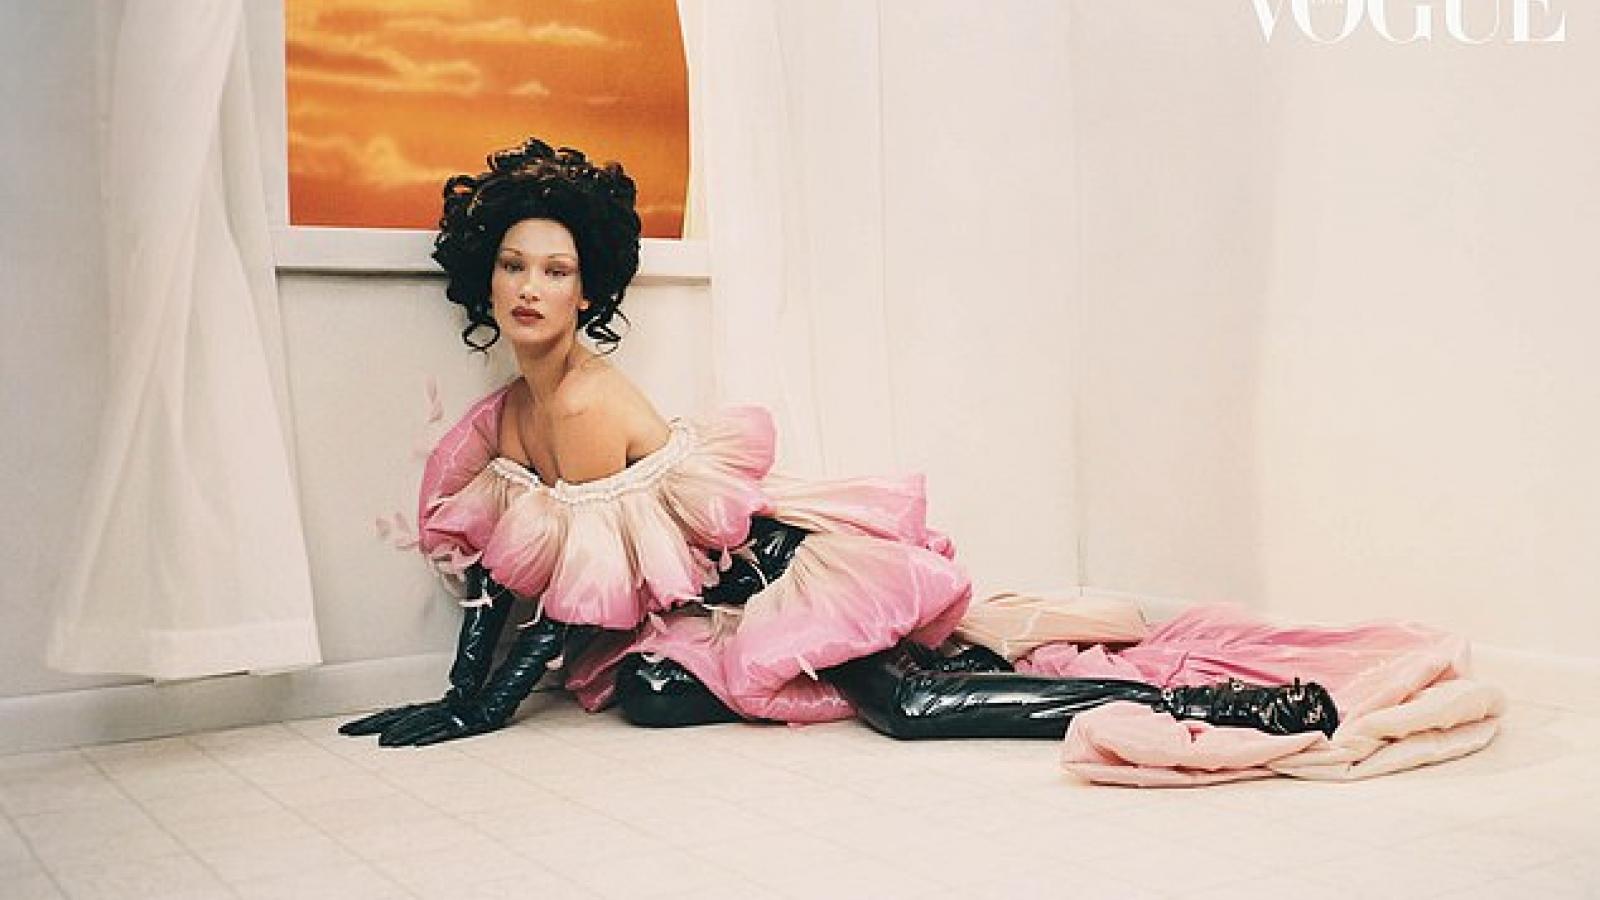 Bella Hadid hóa quý cô gợi cảm với phong cách cổ điển trên tạp chí Vogue